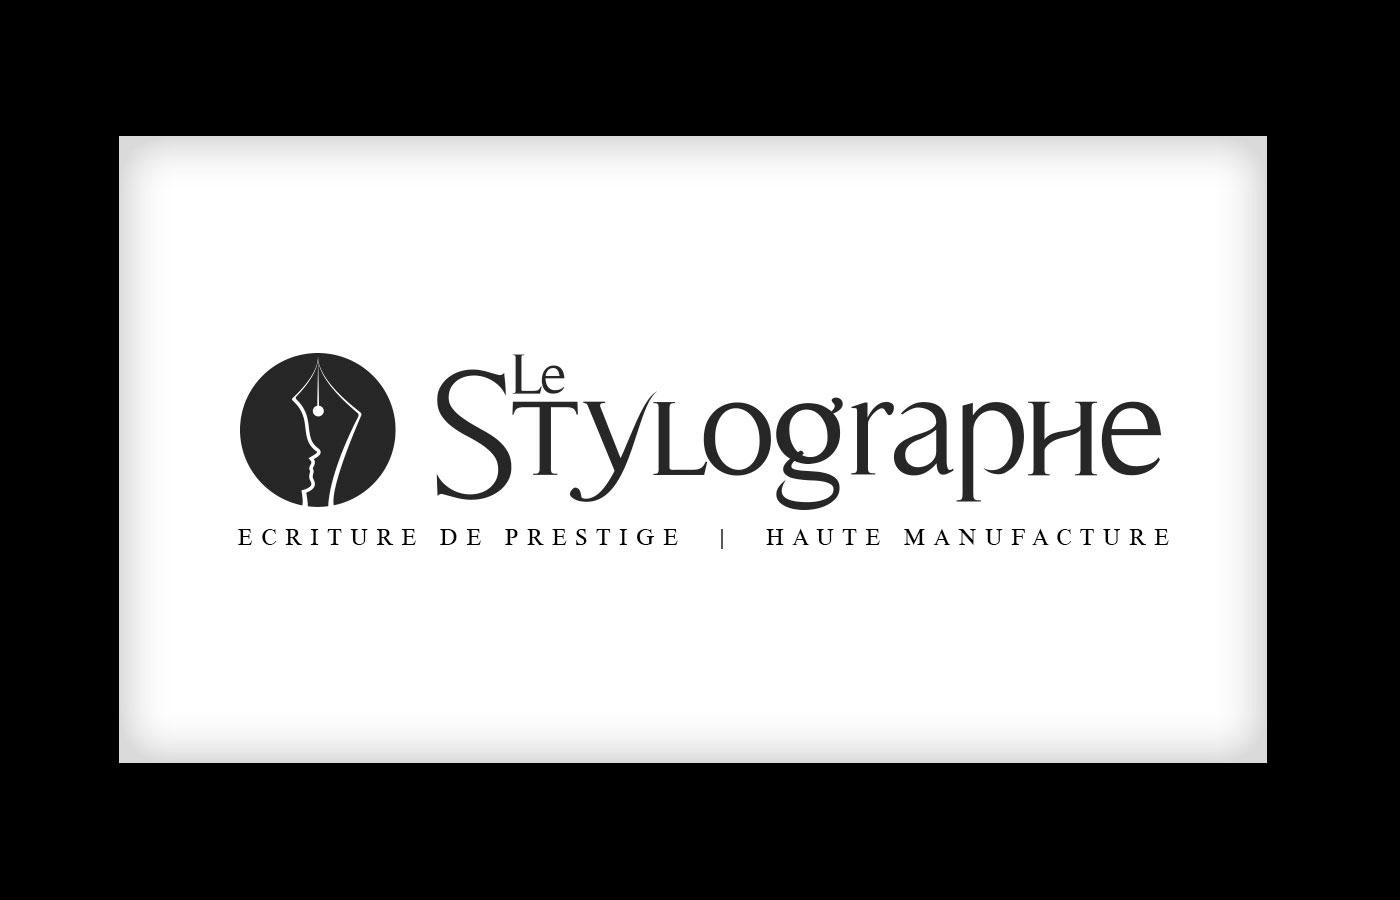 suivre ma commande LE STYLOGRAPHE - suivi de commande LE STYLOGRAPHE - suivre mon colis LE STYLOGRAPHE